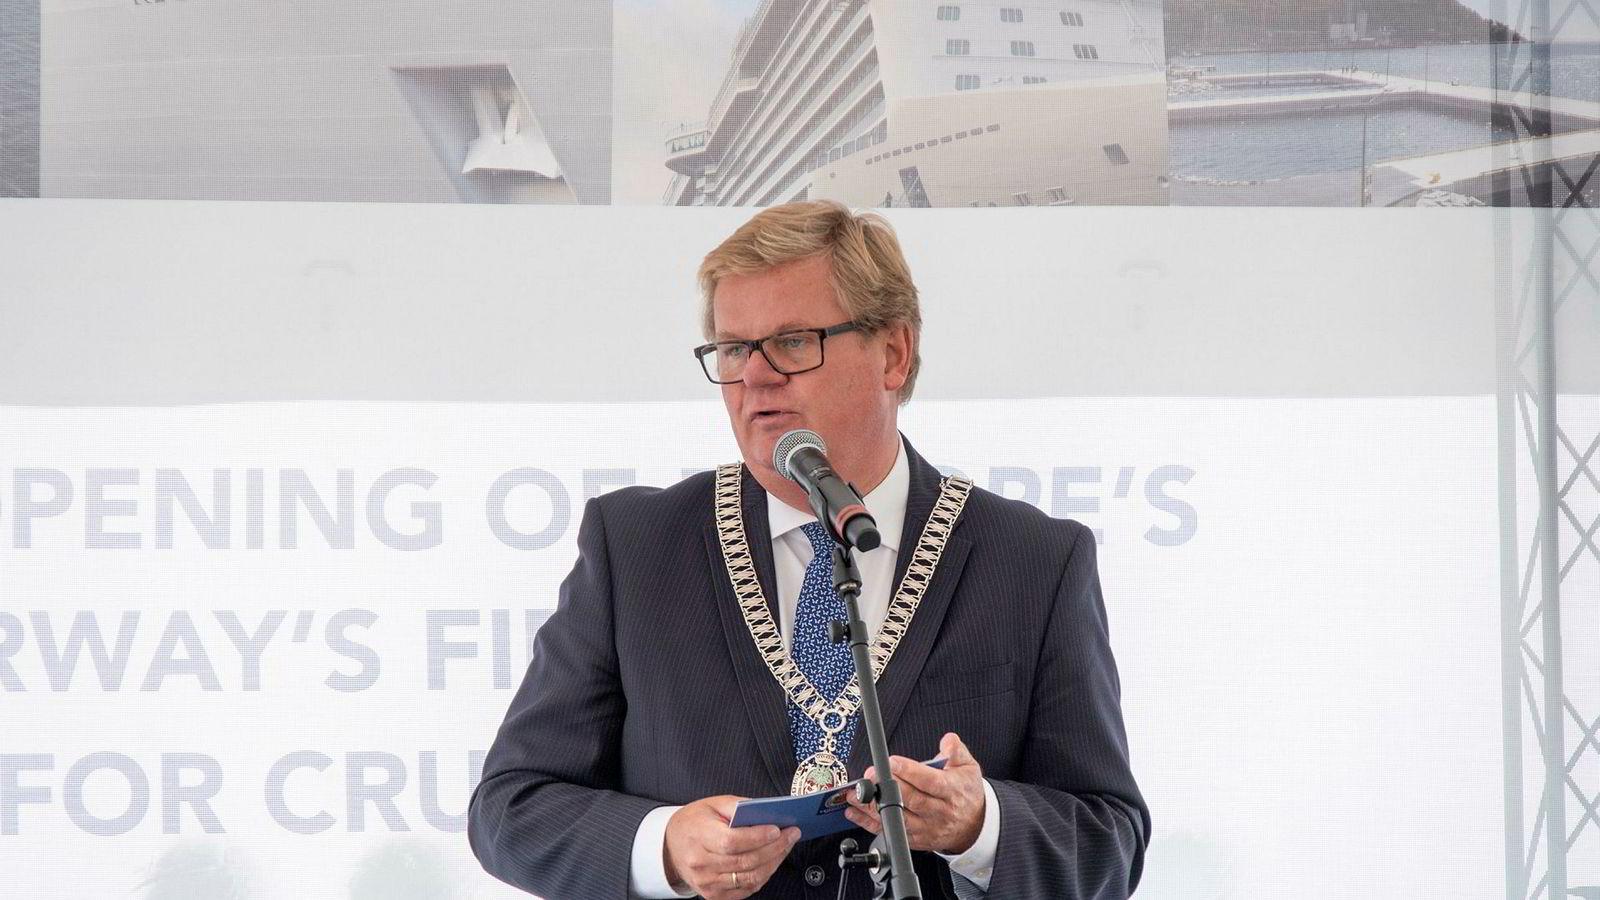 Kristiansandsordfører Harald Furre sier han angrer på at politikerne ikke tok et skikkelig oppgjør med facebooksiden Sørlandsnyhetene før valget.